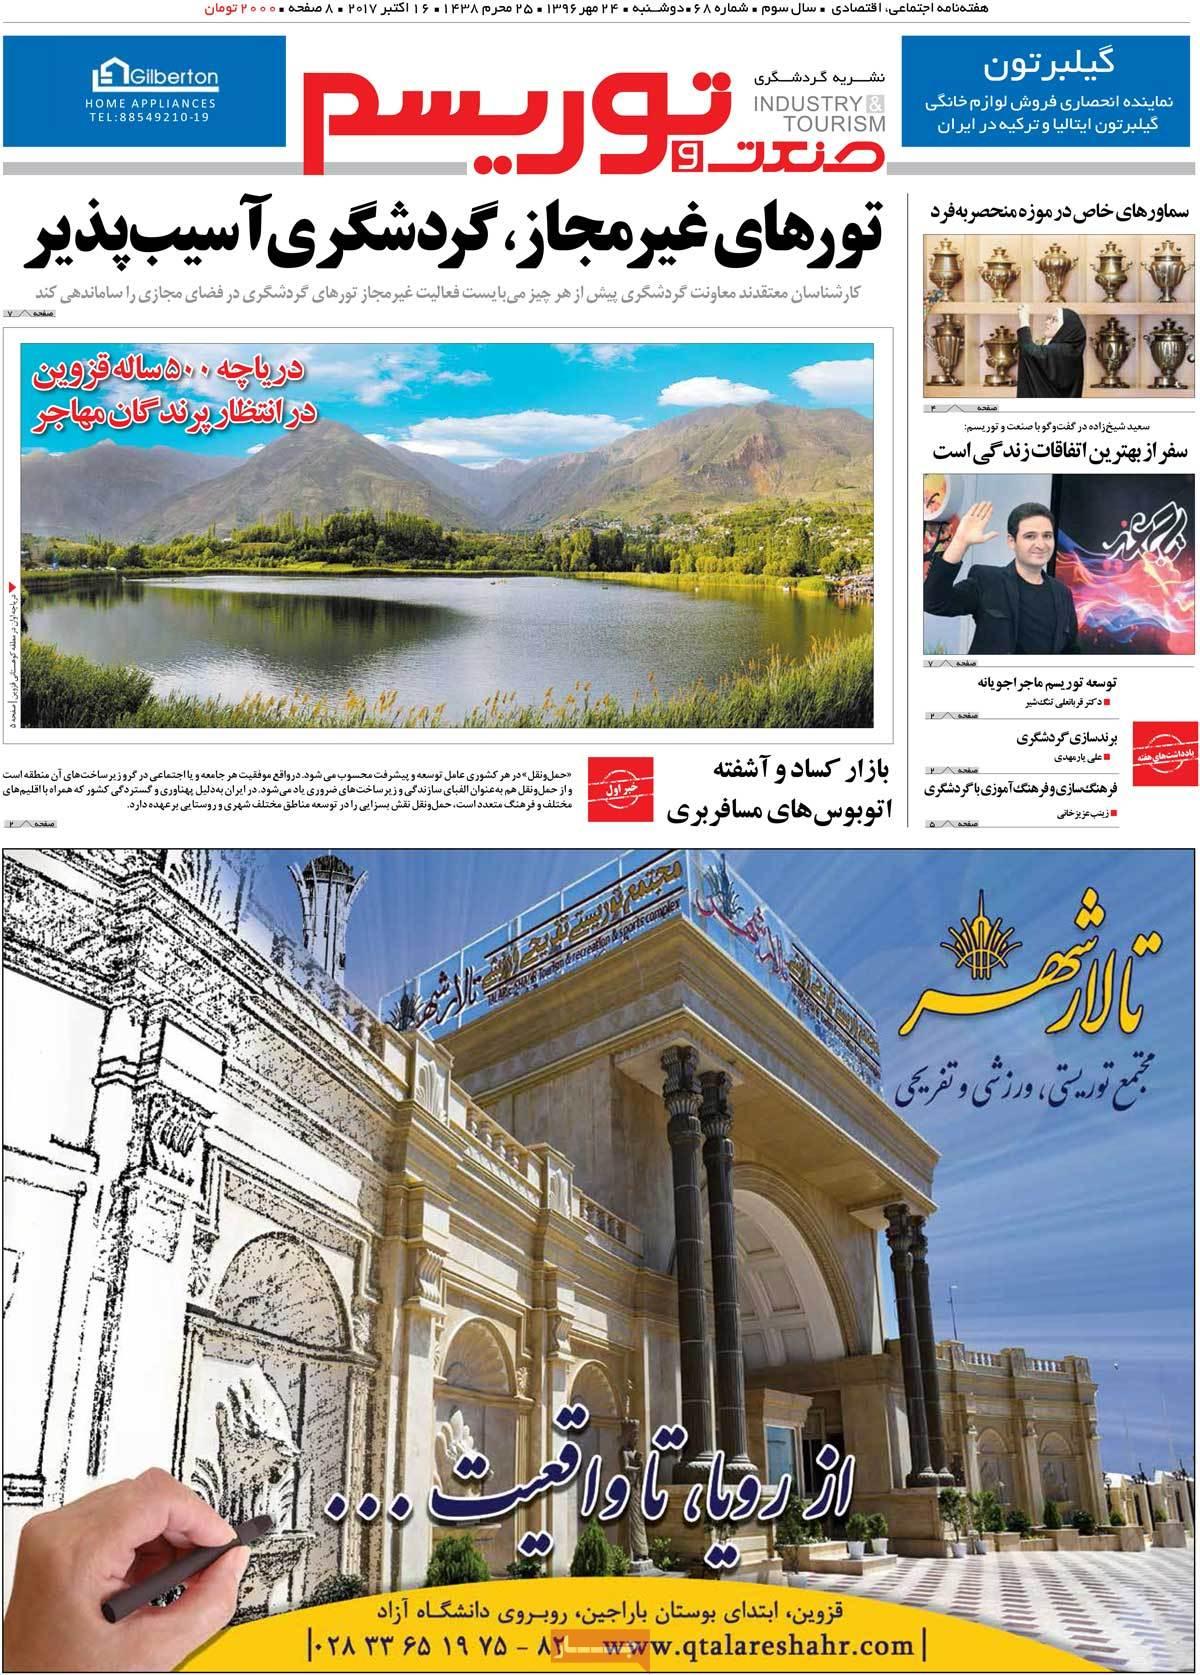 http://www.jaaar.com/assets/images/pishkhan/1396/8/3/bffc9834.jpg